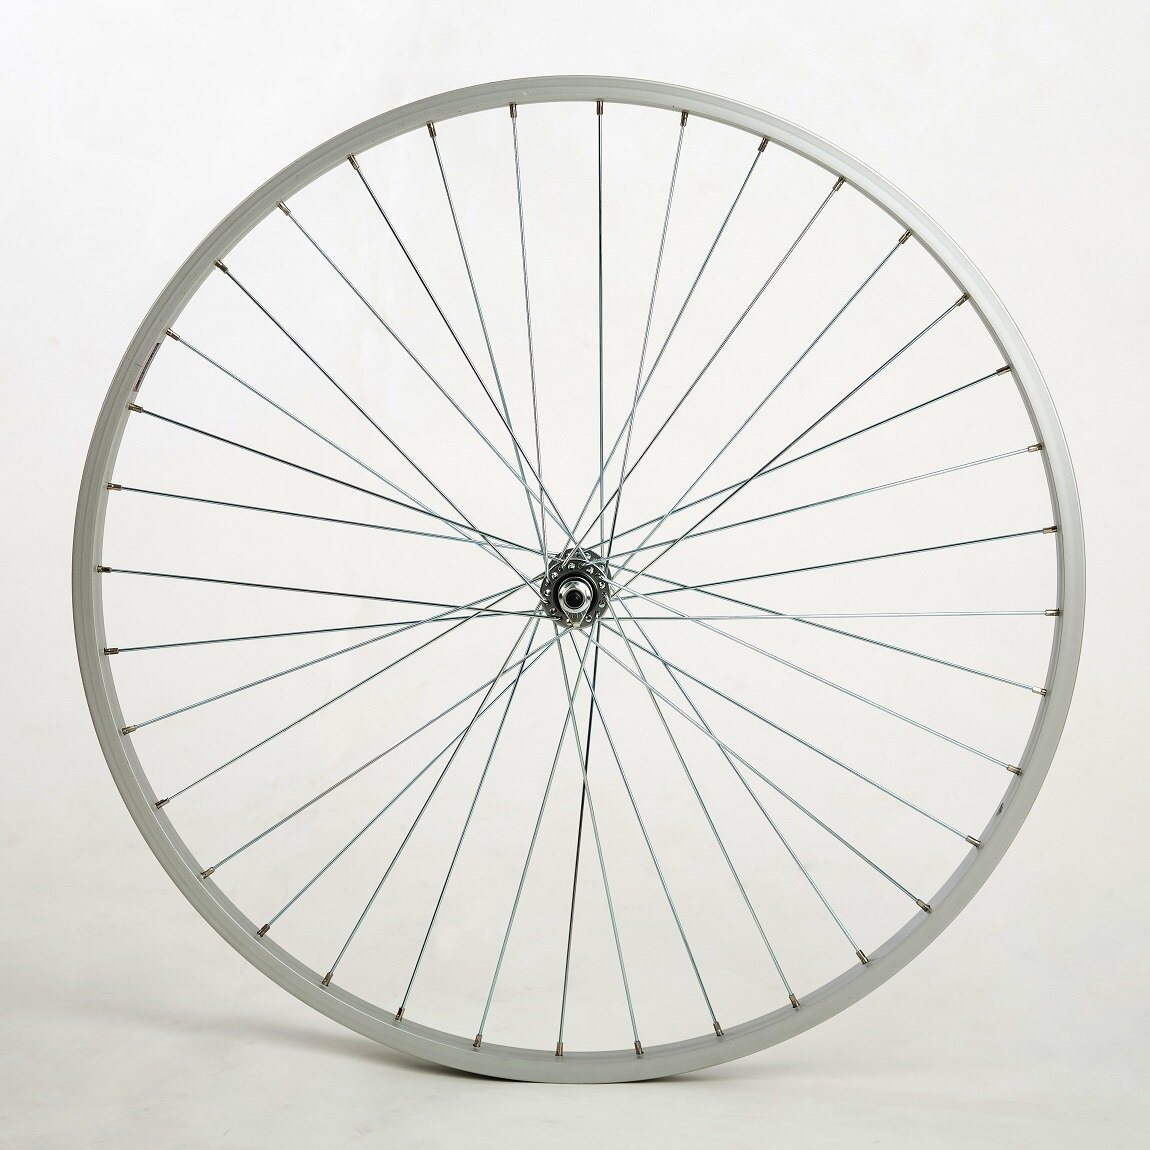 24吋淑女車 單層鋁合金輪圈 / 輪框 -前輪框、單速後輪圈-可挑選《意生自行車》